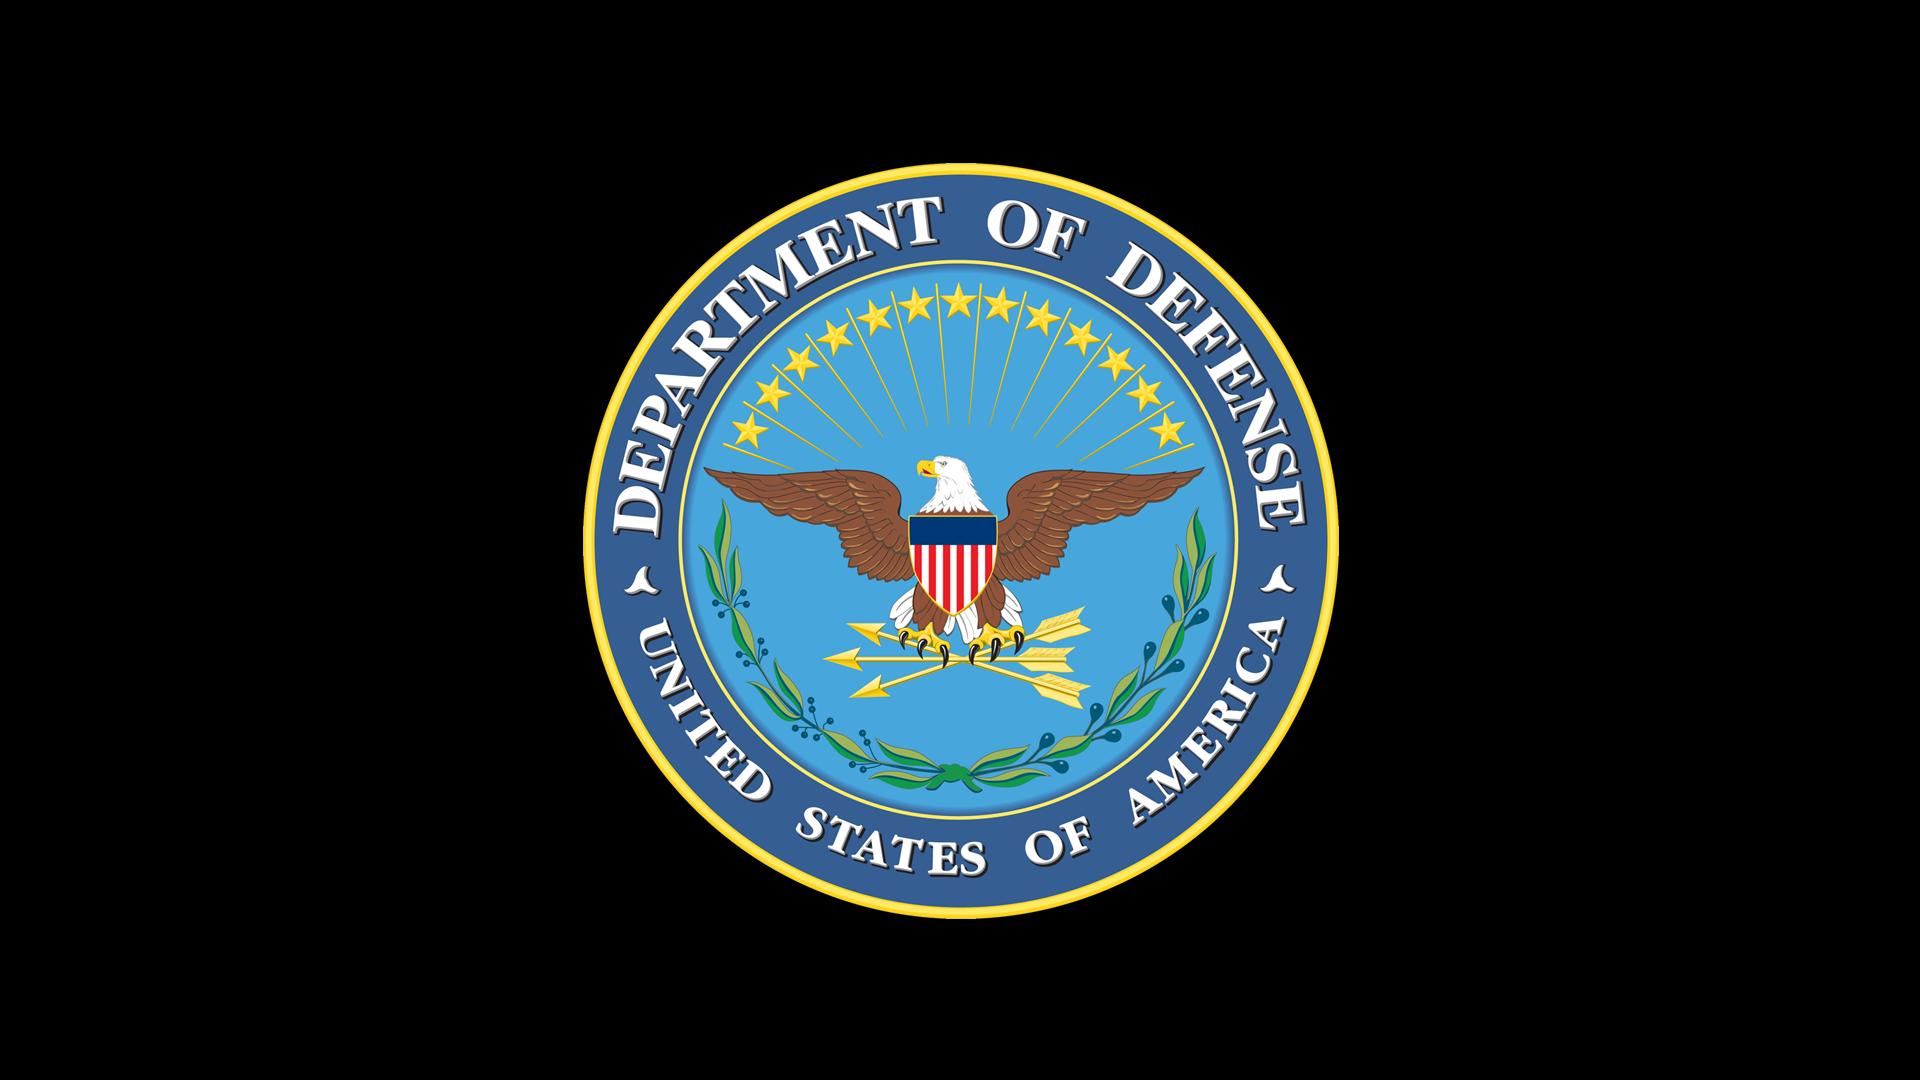 Any Logo Screensaver – Used By Mary Marshall, Colorado